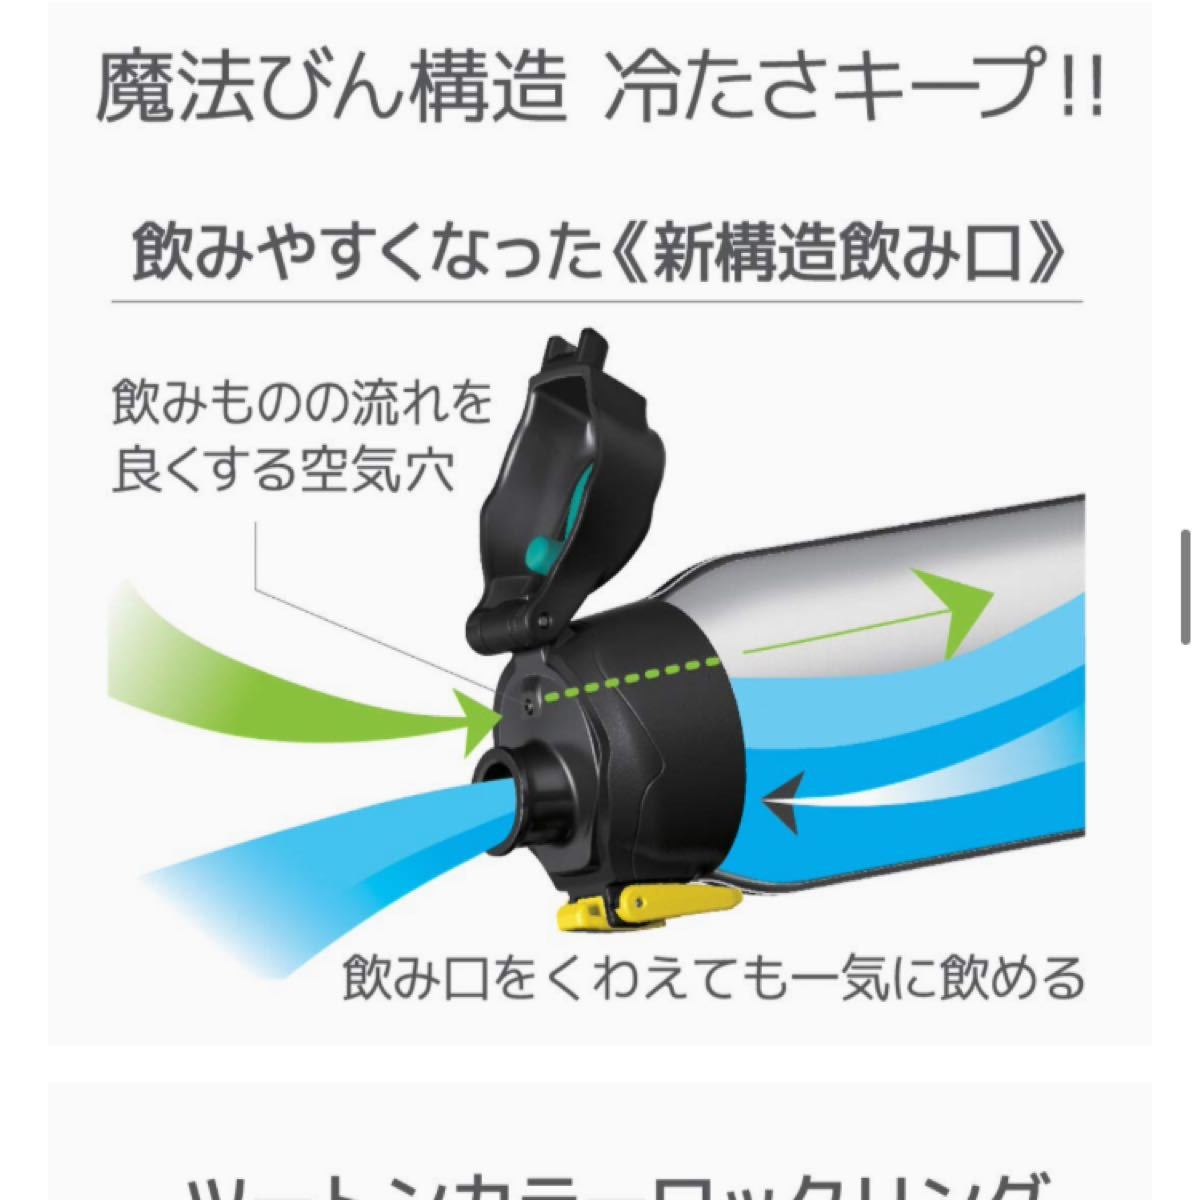 新品未開封 サーモス 水筒 真空断熱スポーツボトル ブラック 1.0L 黒 ステンレスボトル THERMOS